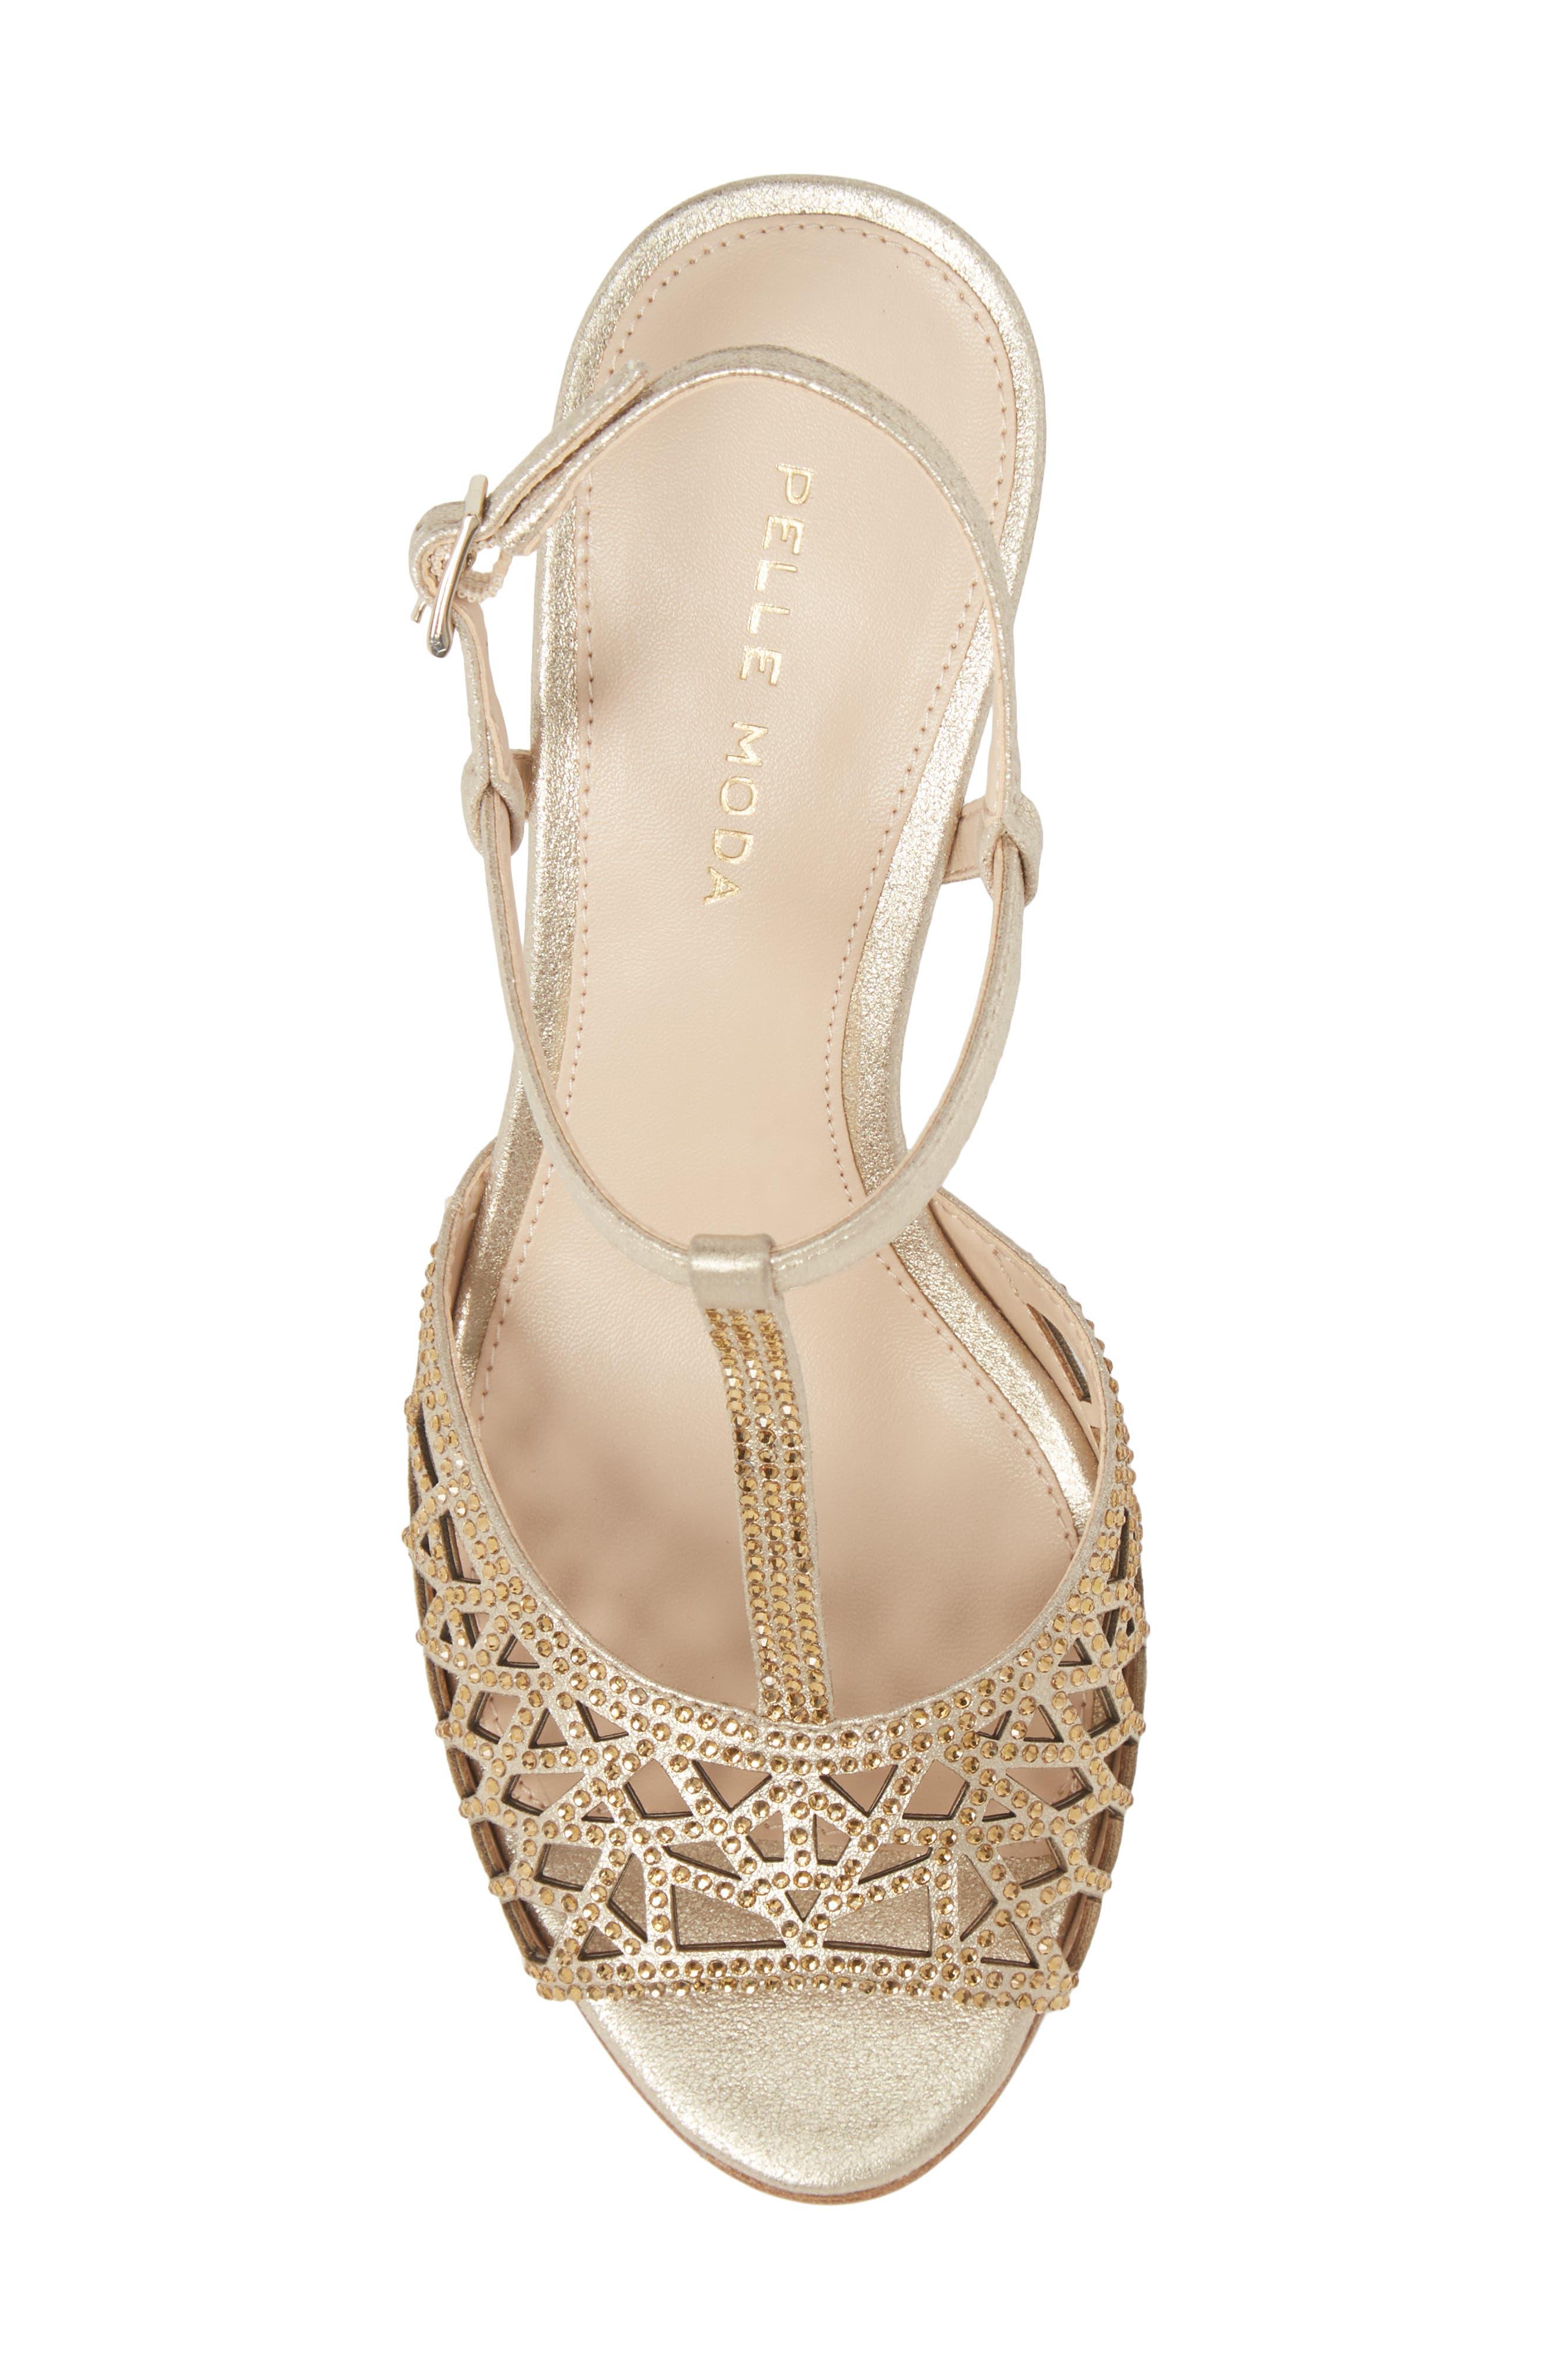 Adaline Embellished Sandal,                             Alternate thumbnail 5, color,                             Platinum Gold Metallic Suede